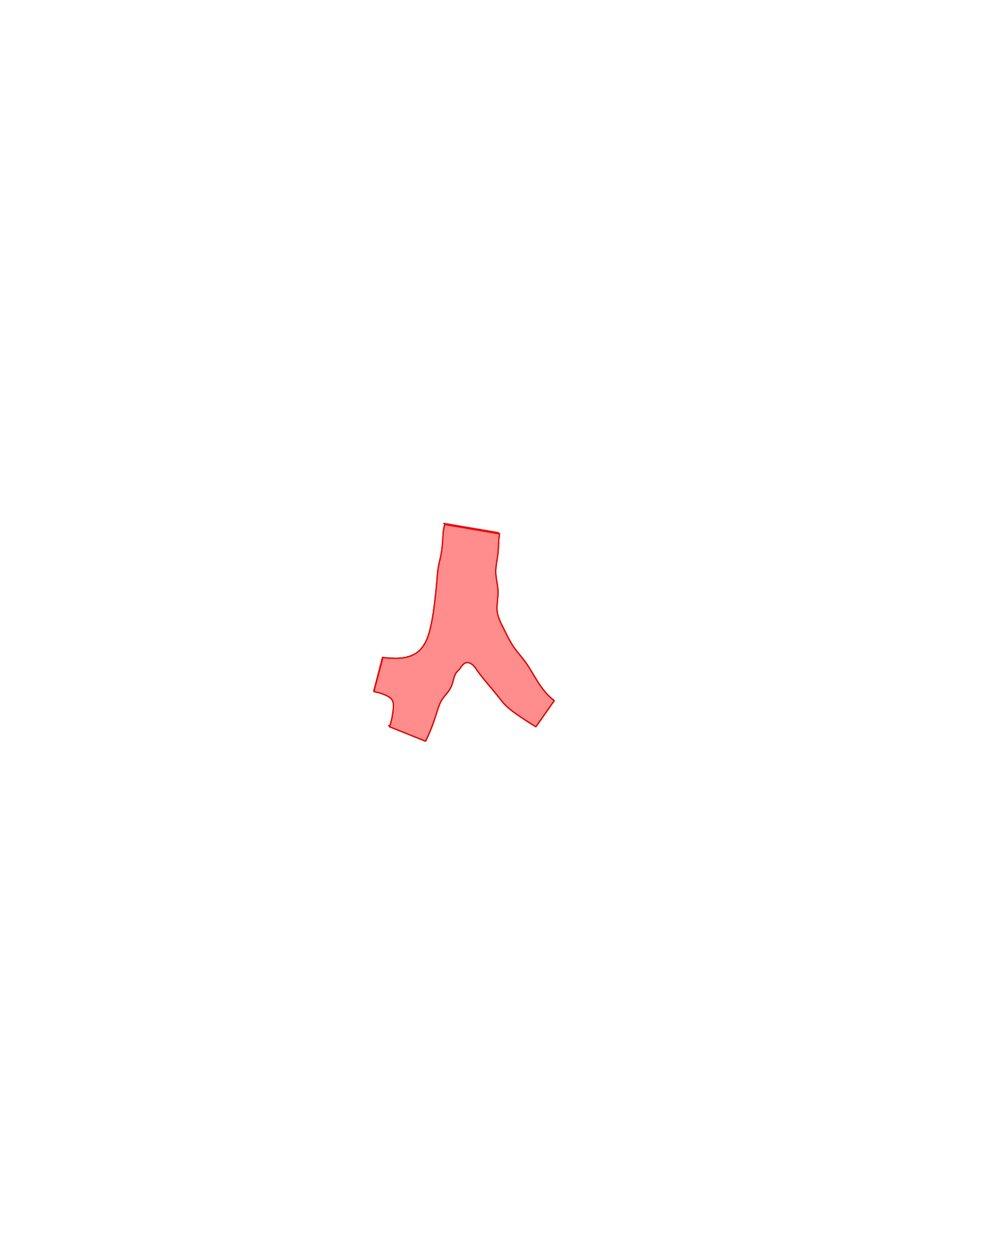 3_STENT.jpg